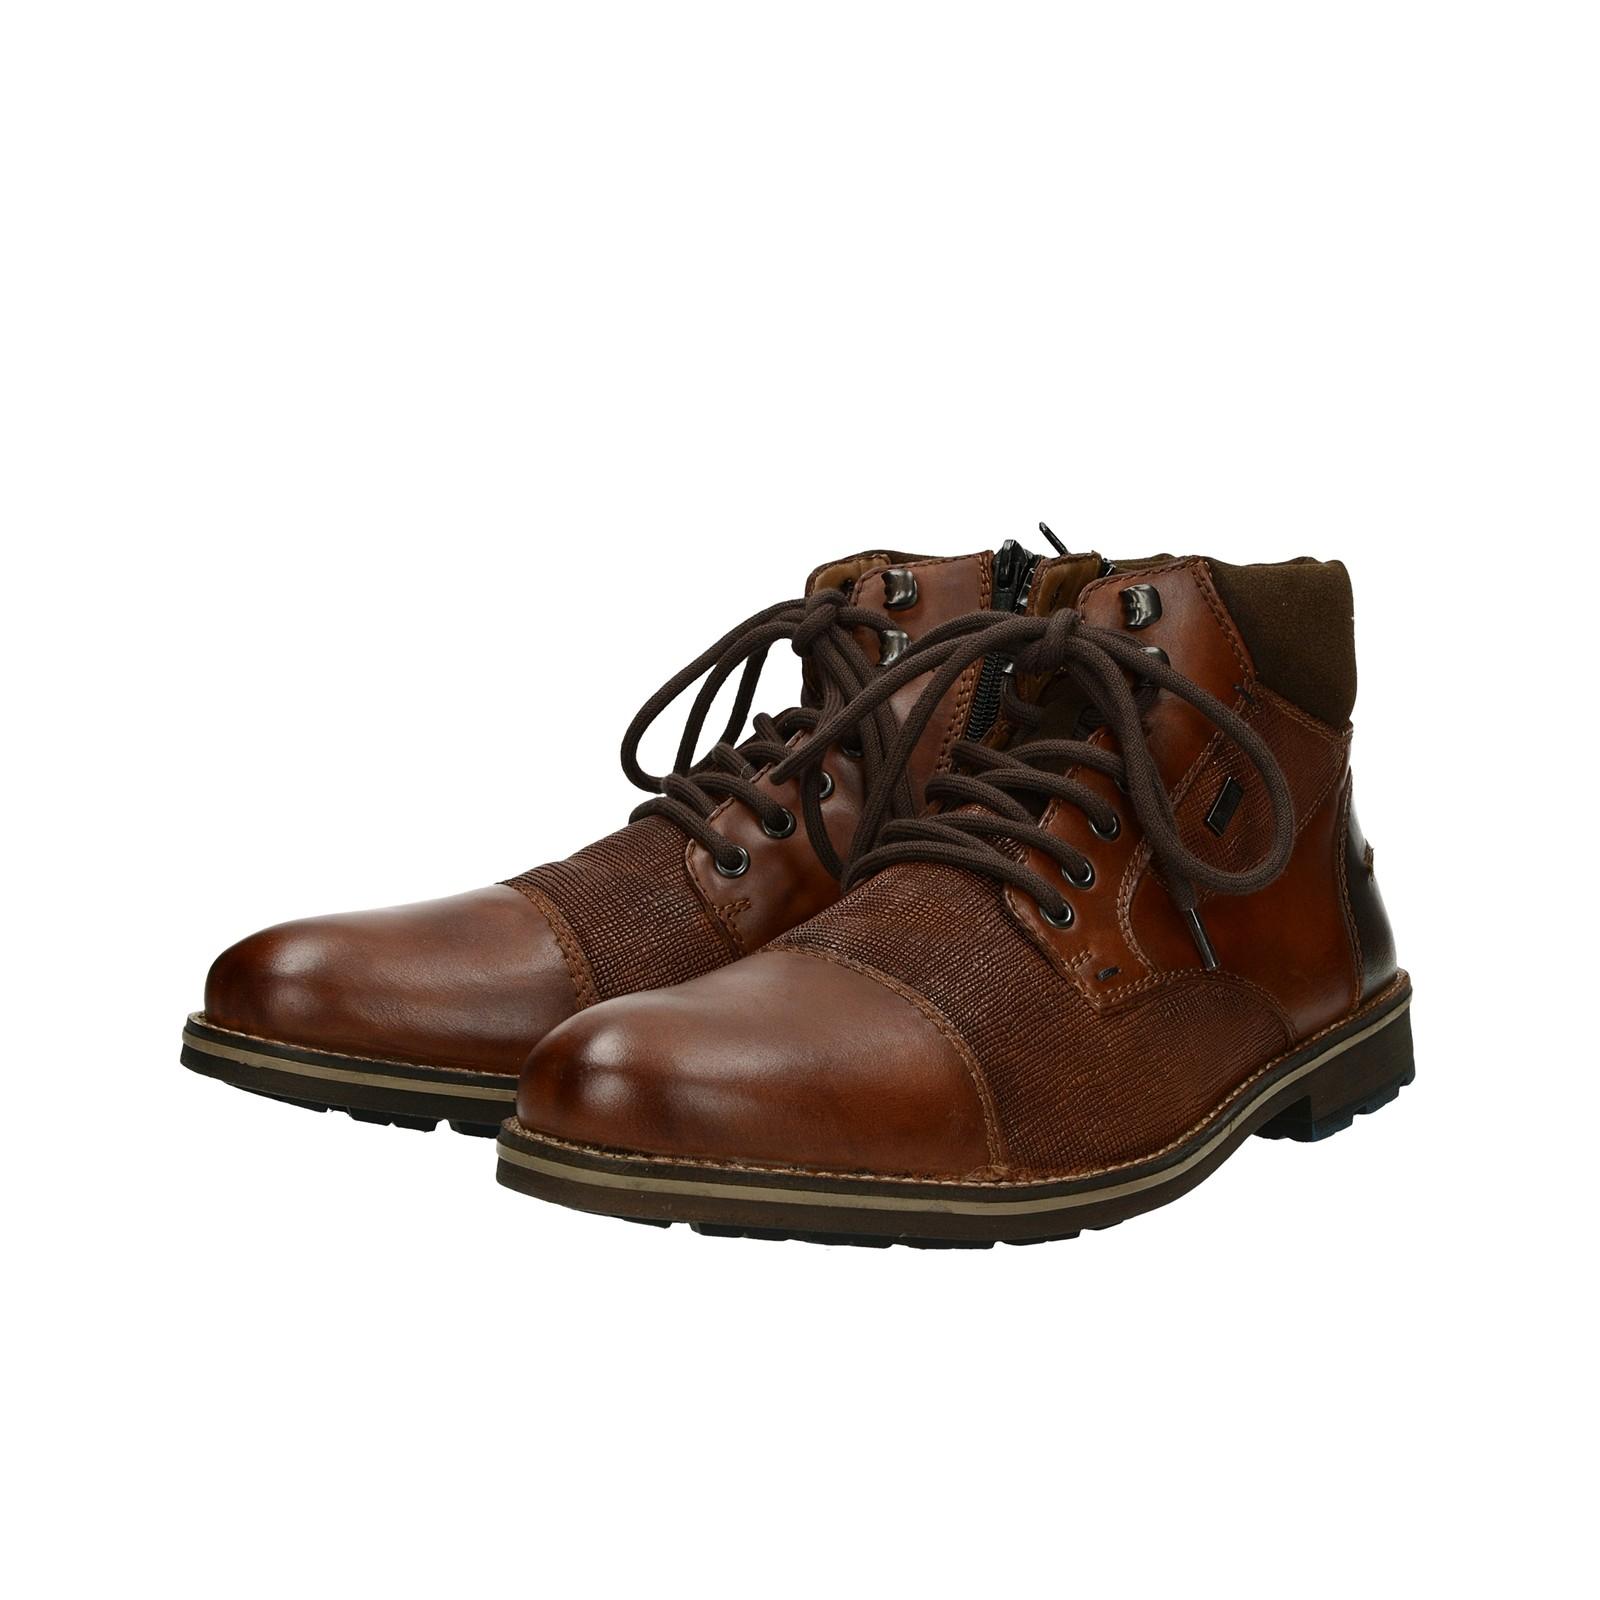 ... Rieker pánska štýlová členková obuv na zips - hnedá ... efc06390620